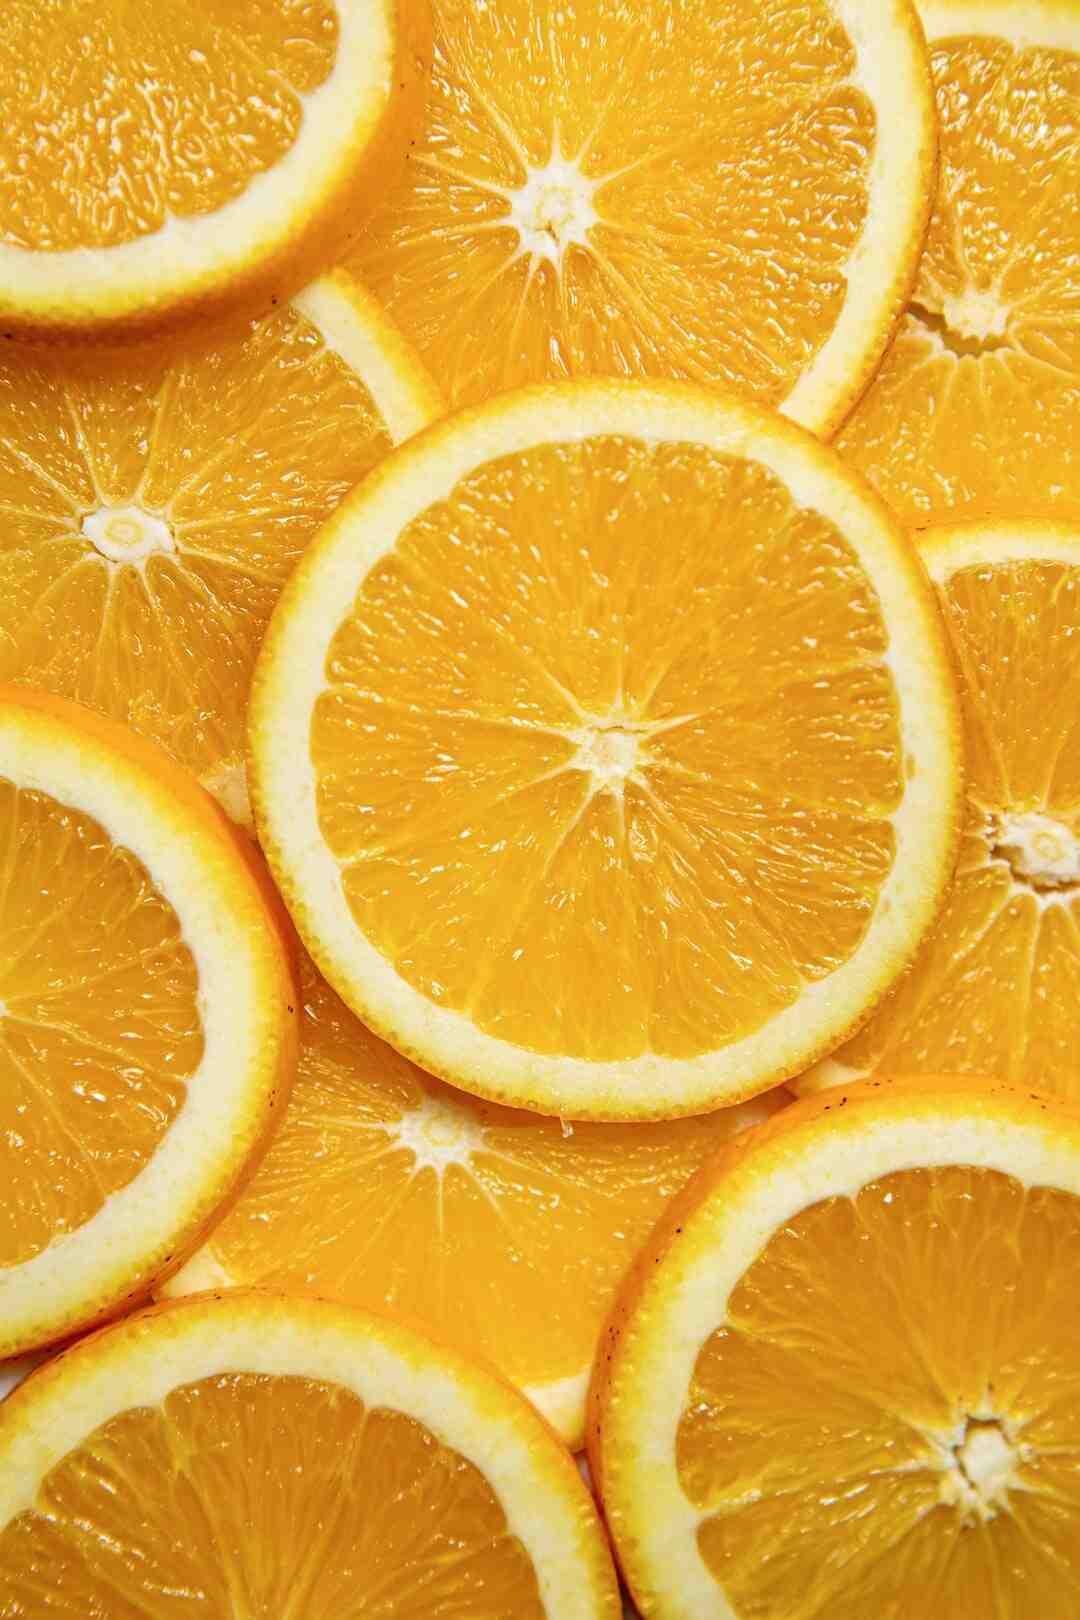 Quand enlever les citrons du citronnier ?